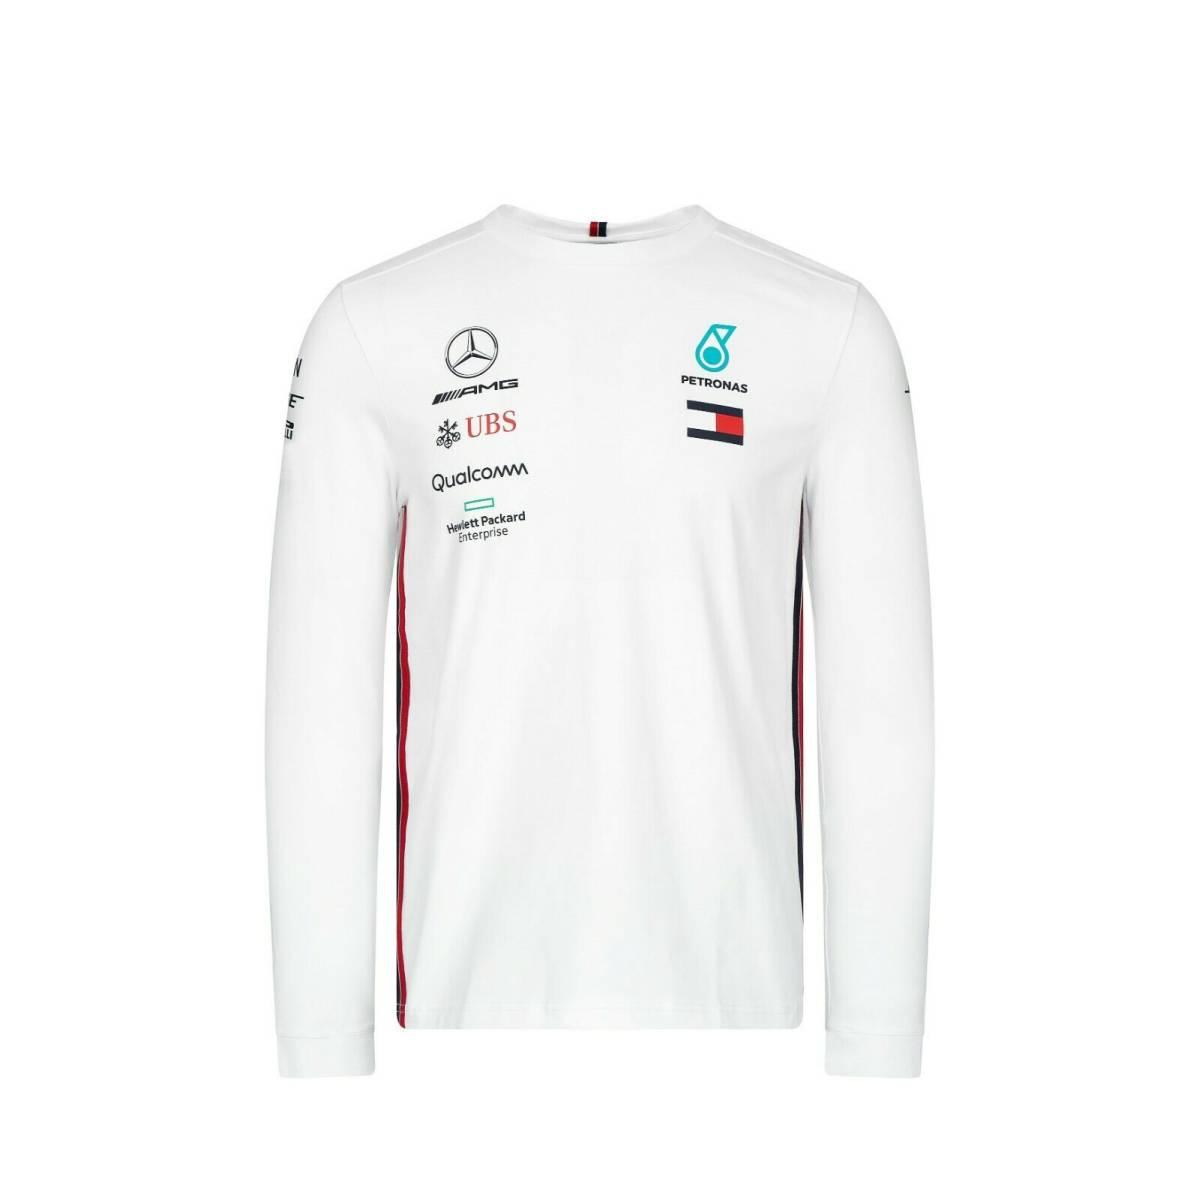 ★送料無料★Mercedes AMG F1 Official Team Lewis Hamilton ベンツ オフィシャル ルイス・ハミルトン ロンT ホワイト